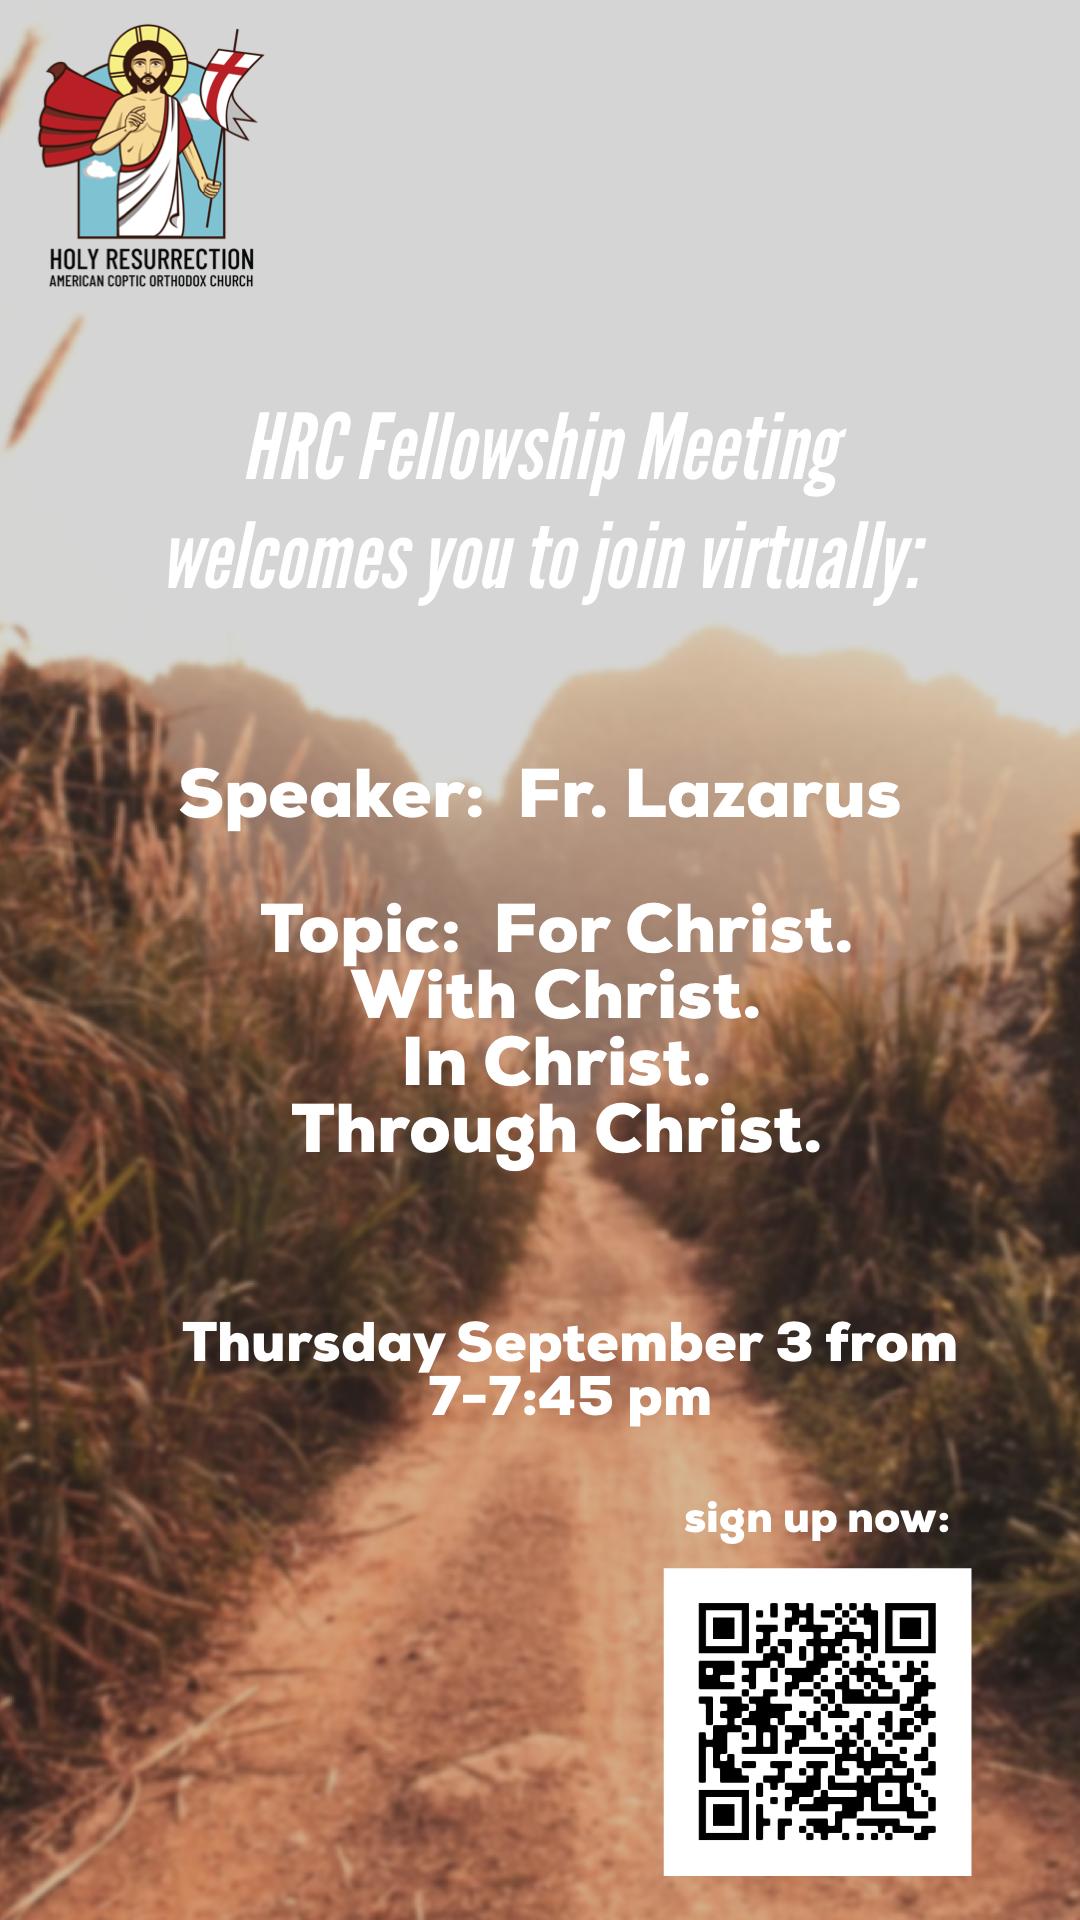 HRC Fellowship meeting flyer